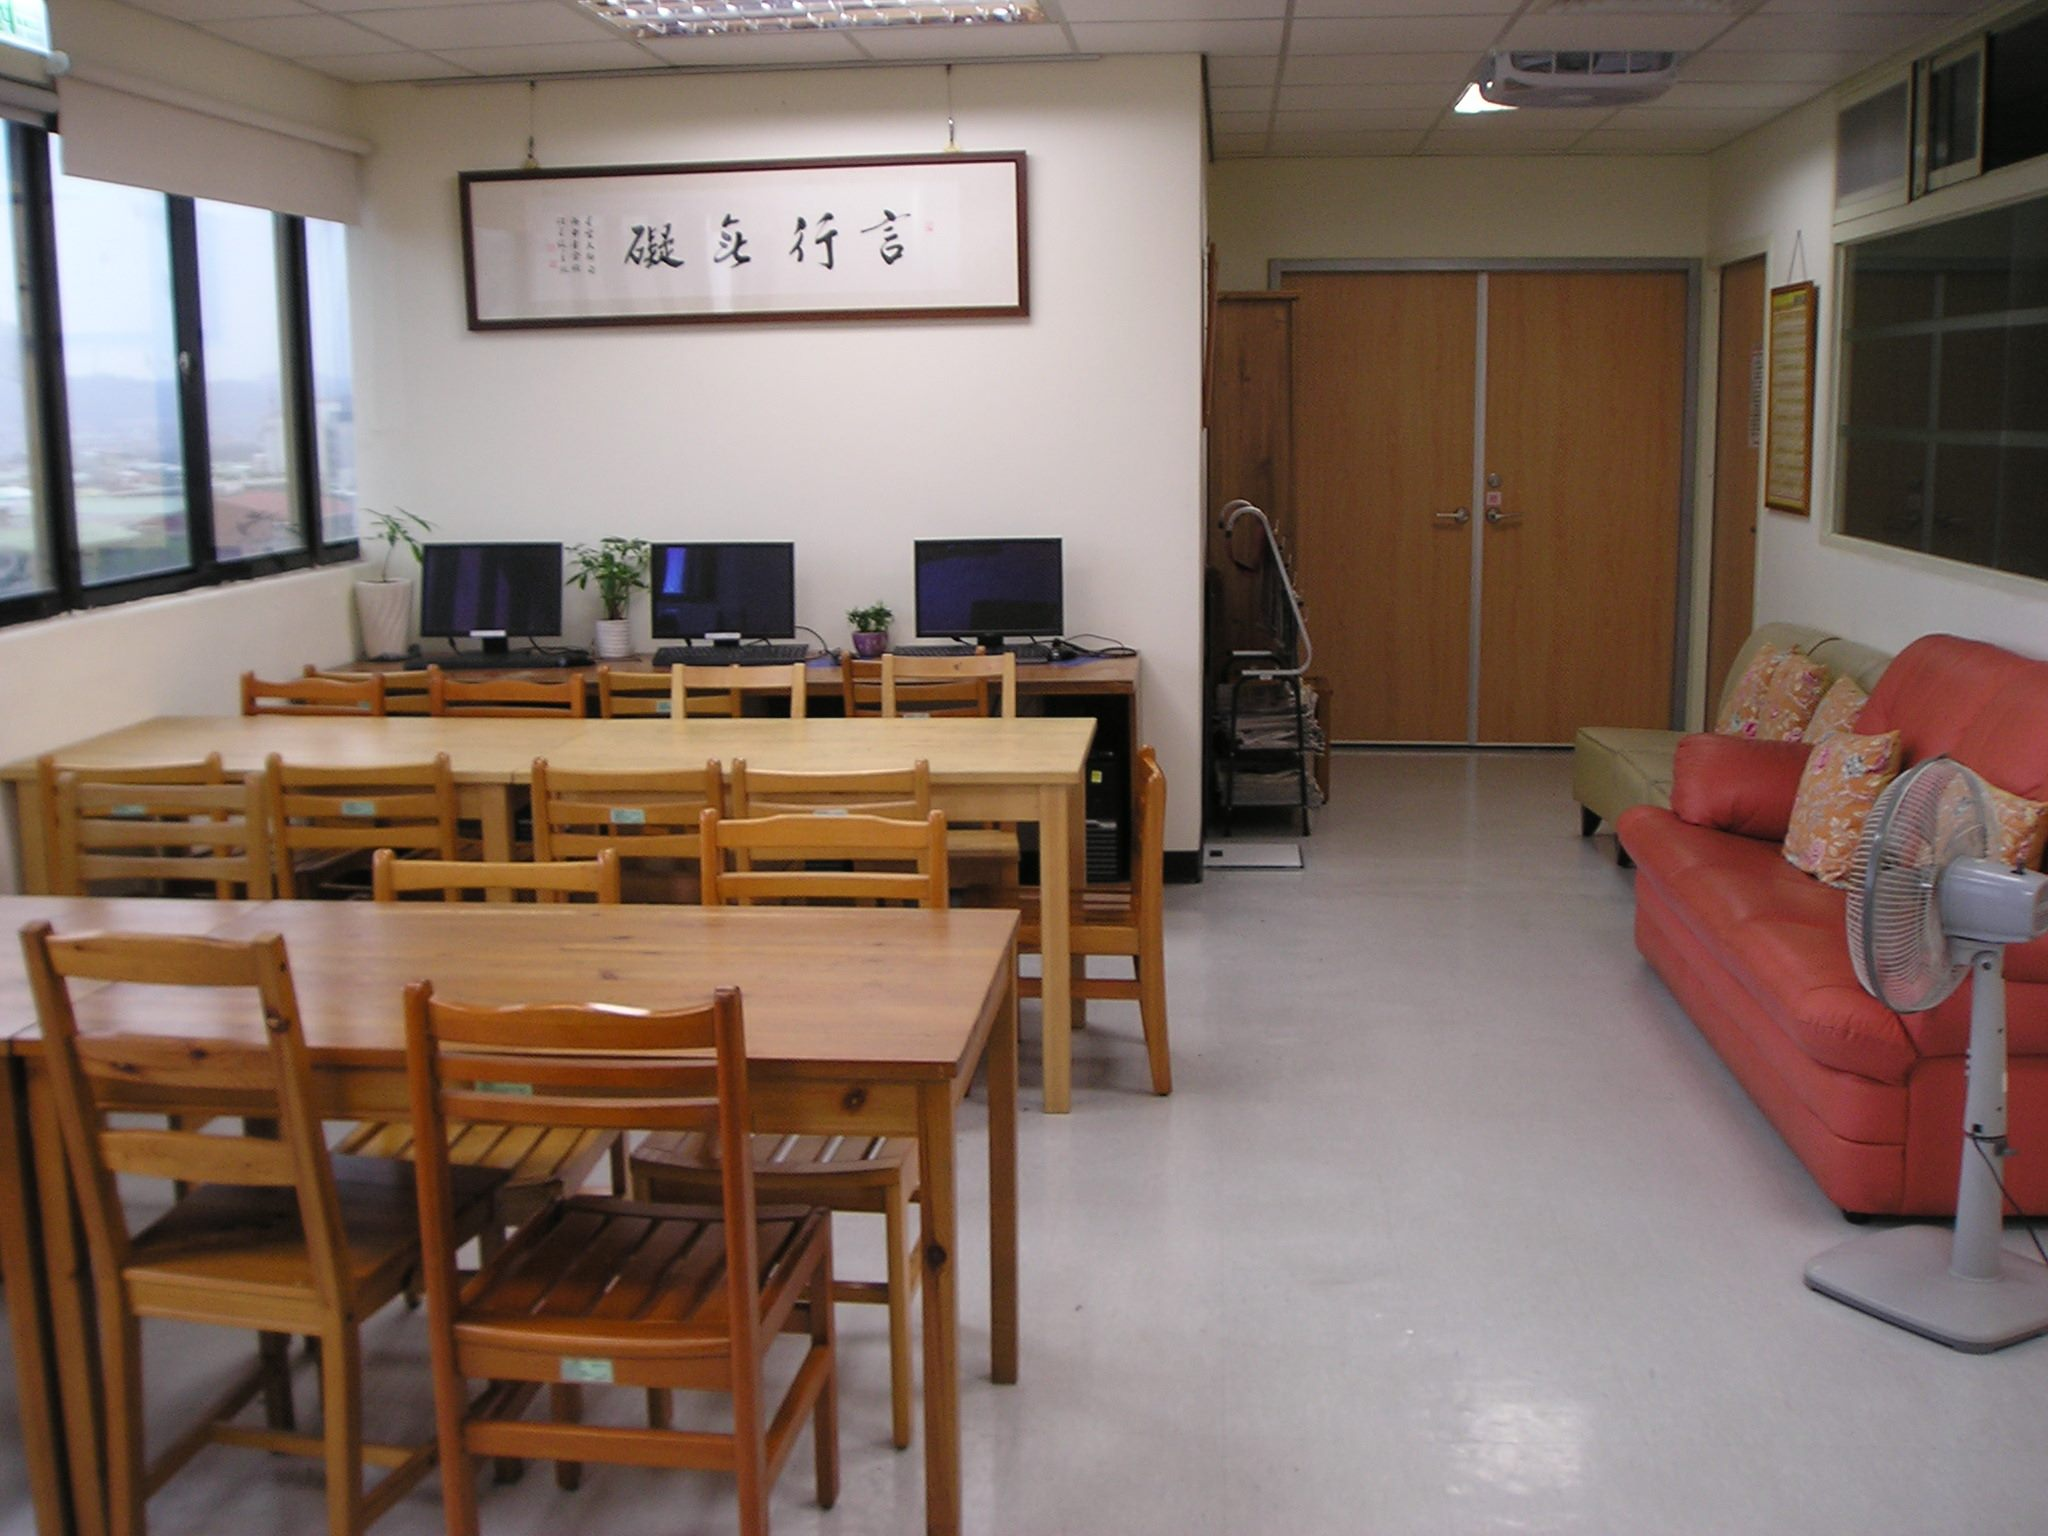 臺北市松山區樂齡學習資源中心